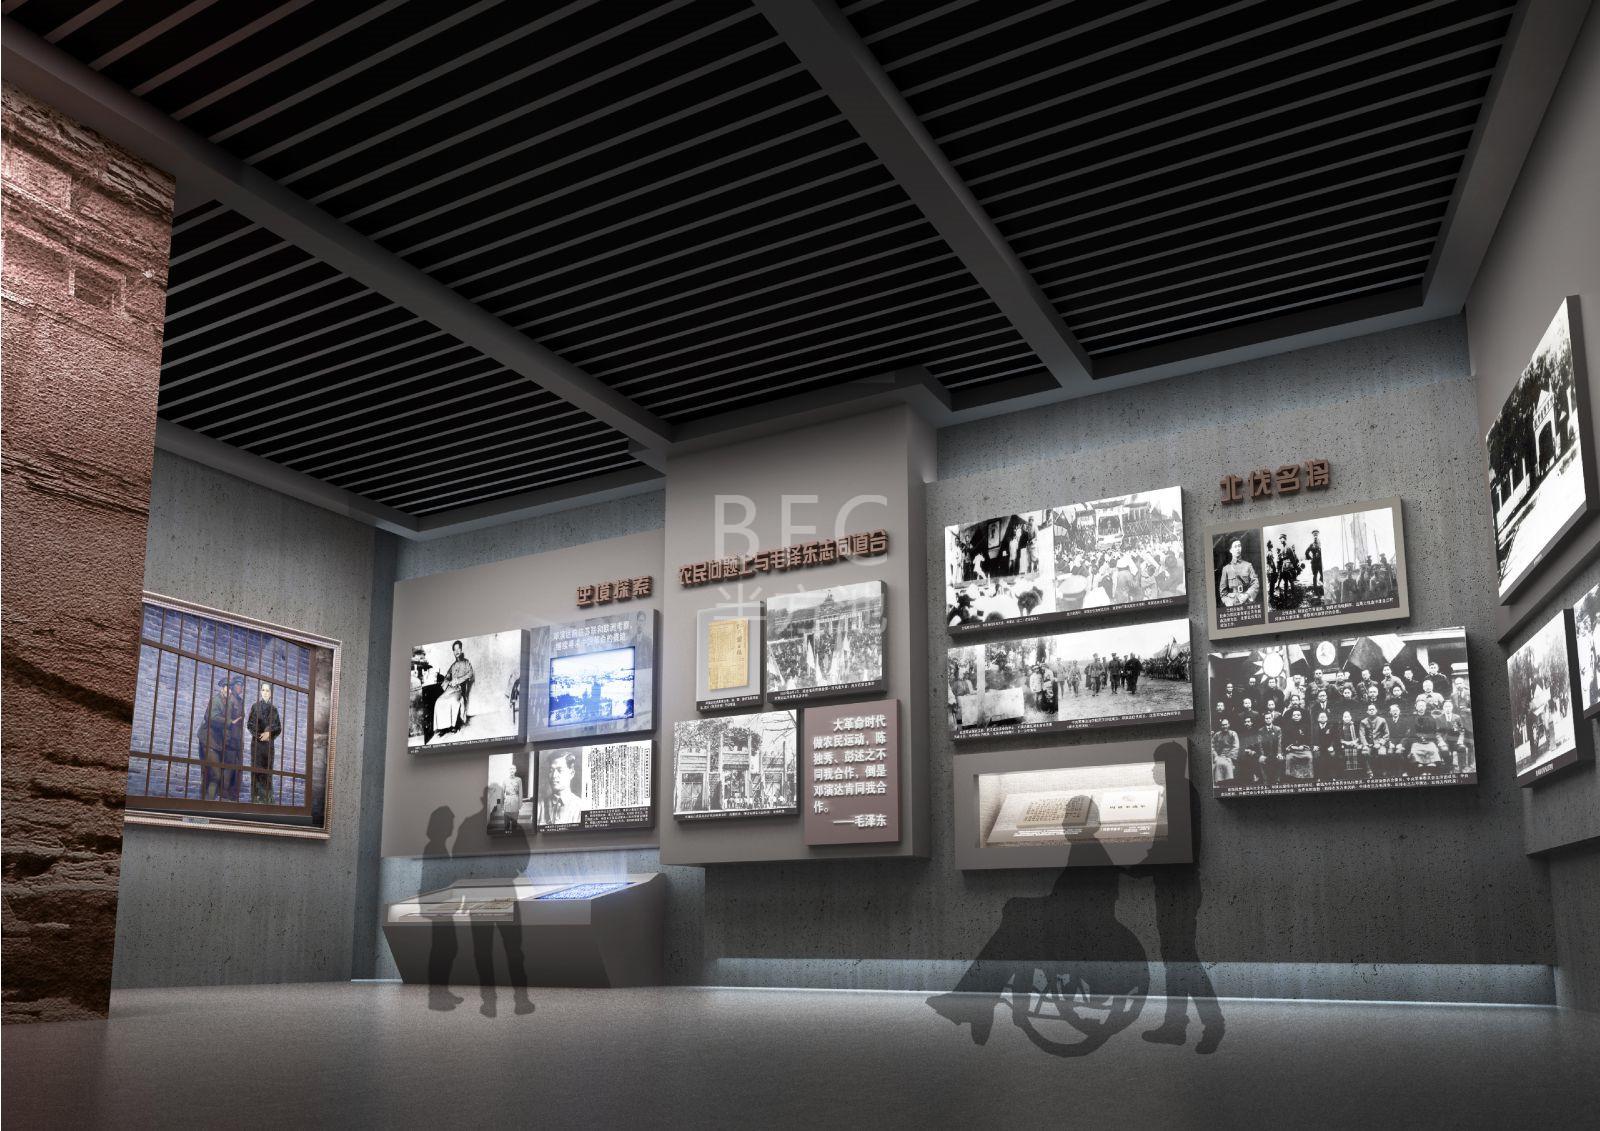 清风廉政文化教育馆展厅陈列布展设计亮点